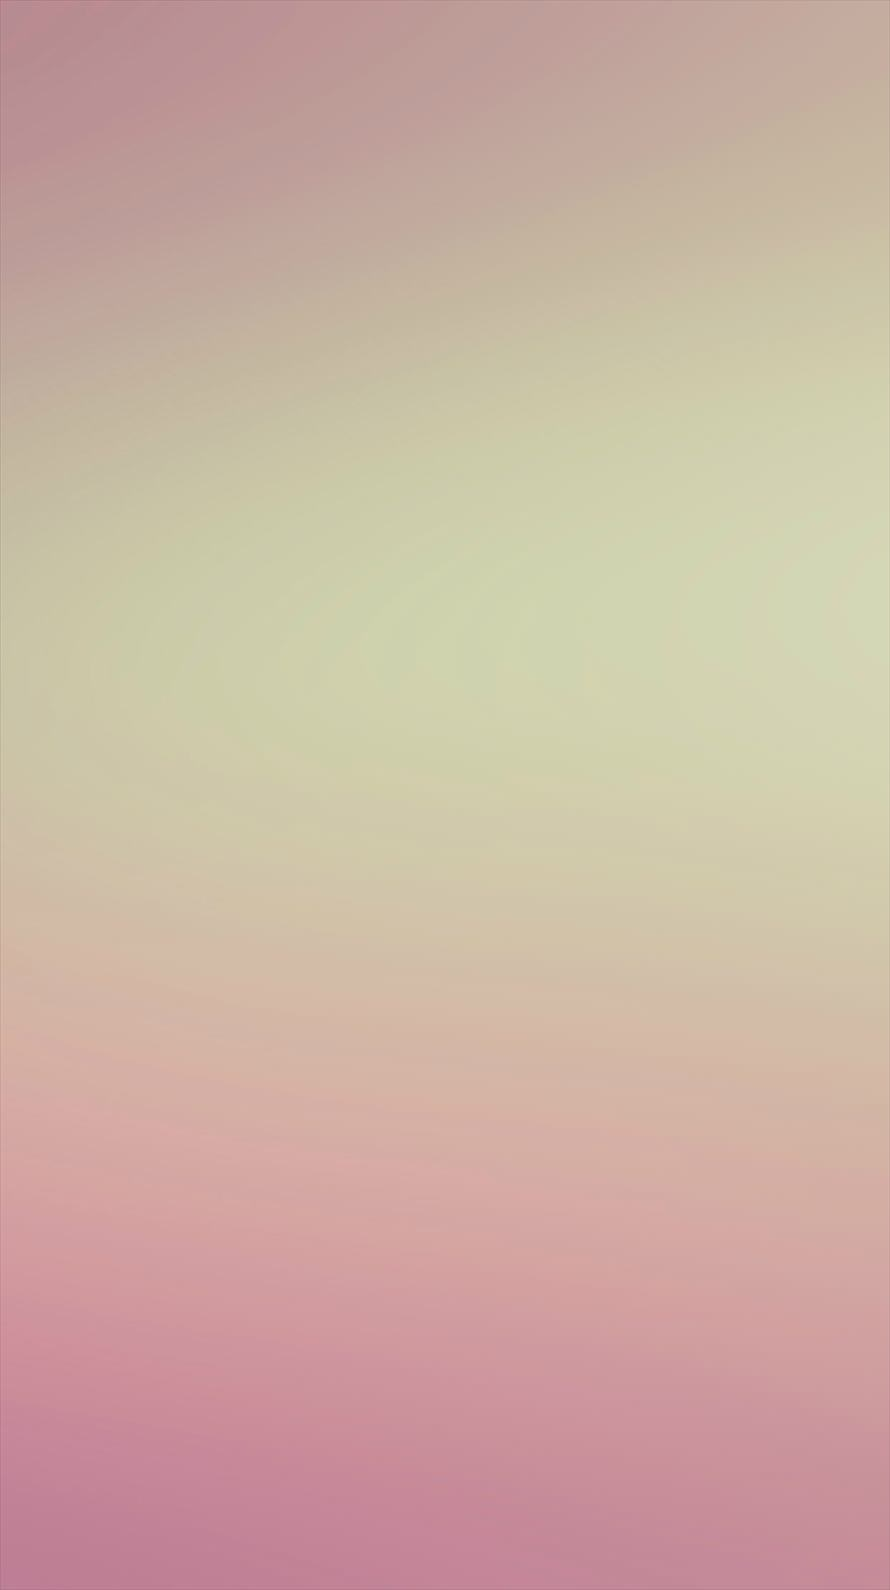 淡いピンクグラデーション iPhone6壁紙